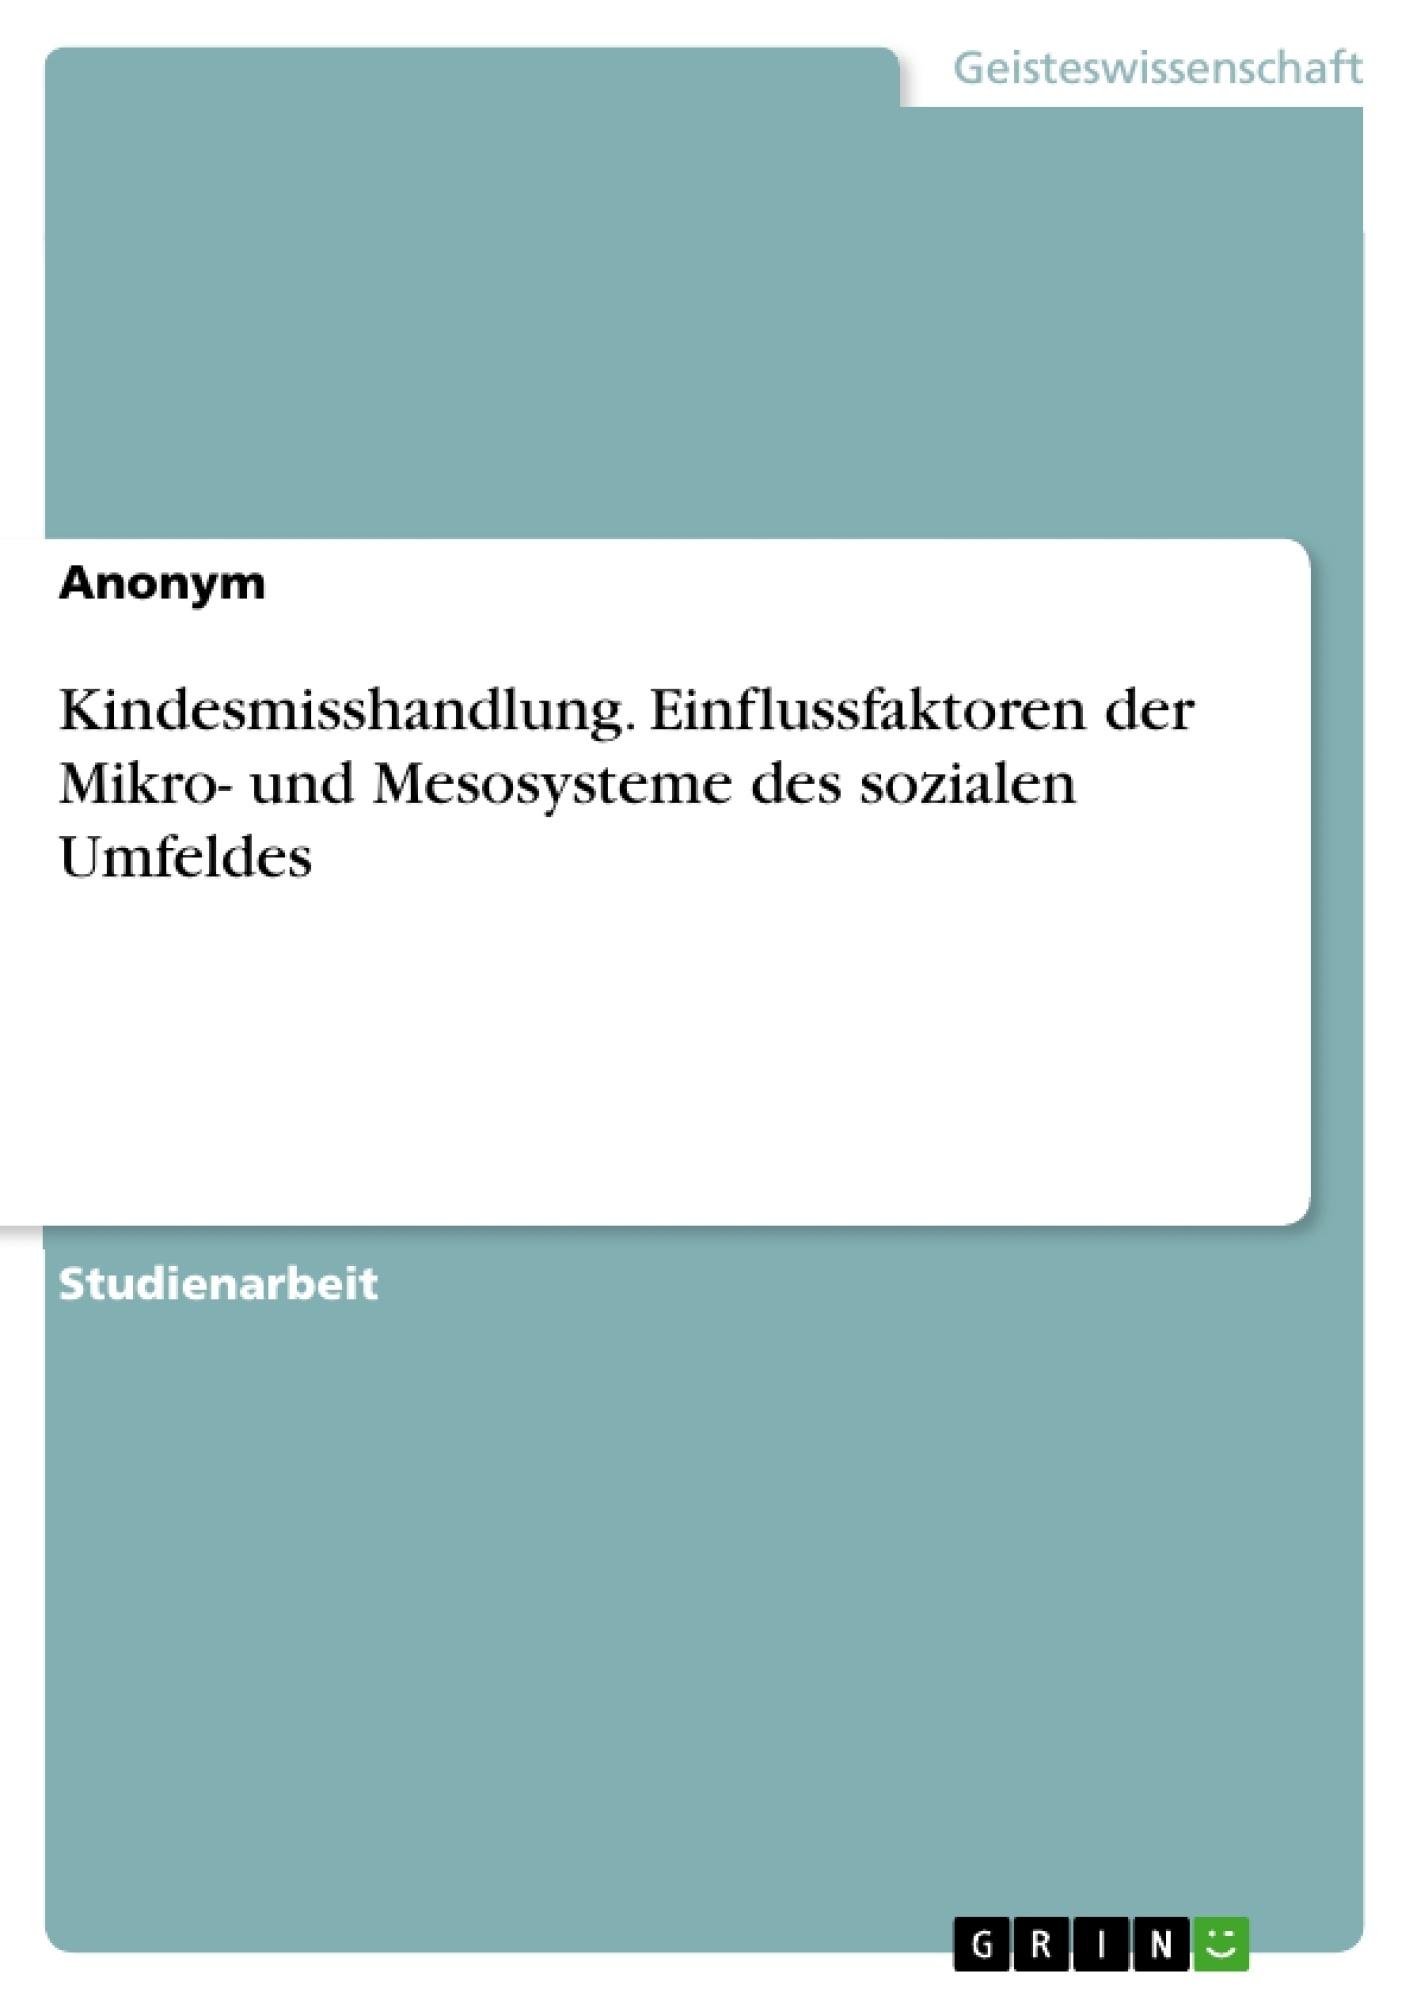 Titel: Kindesmisshandlung. Einflussfaktoren der Mikro- und Mesosysteme des sozialen Umfeldes